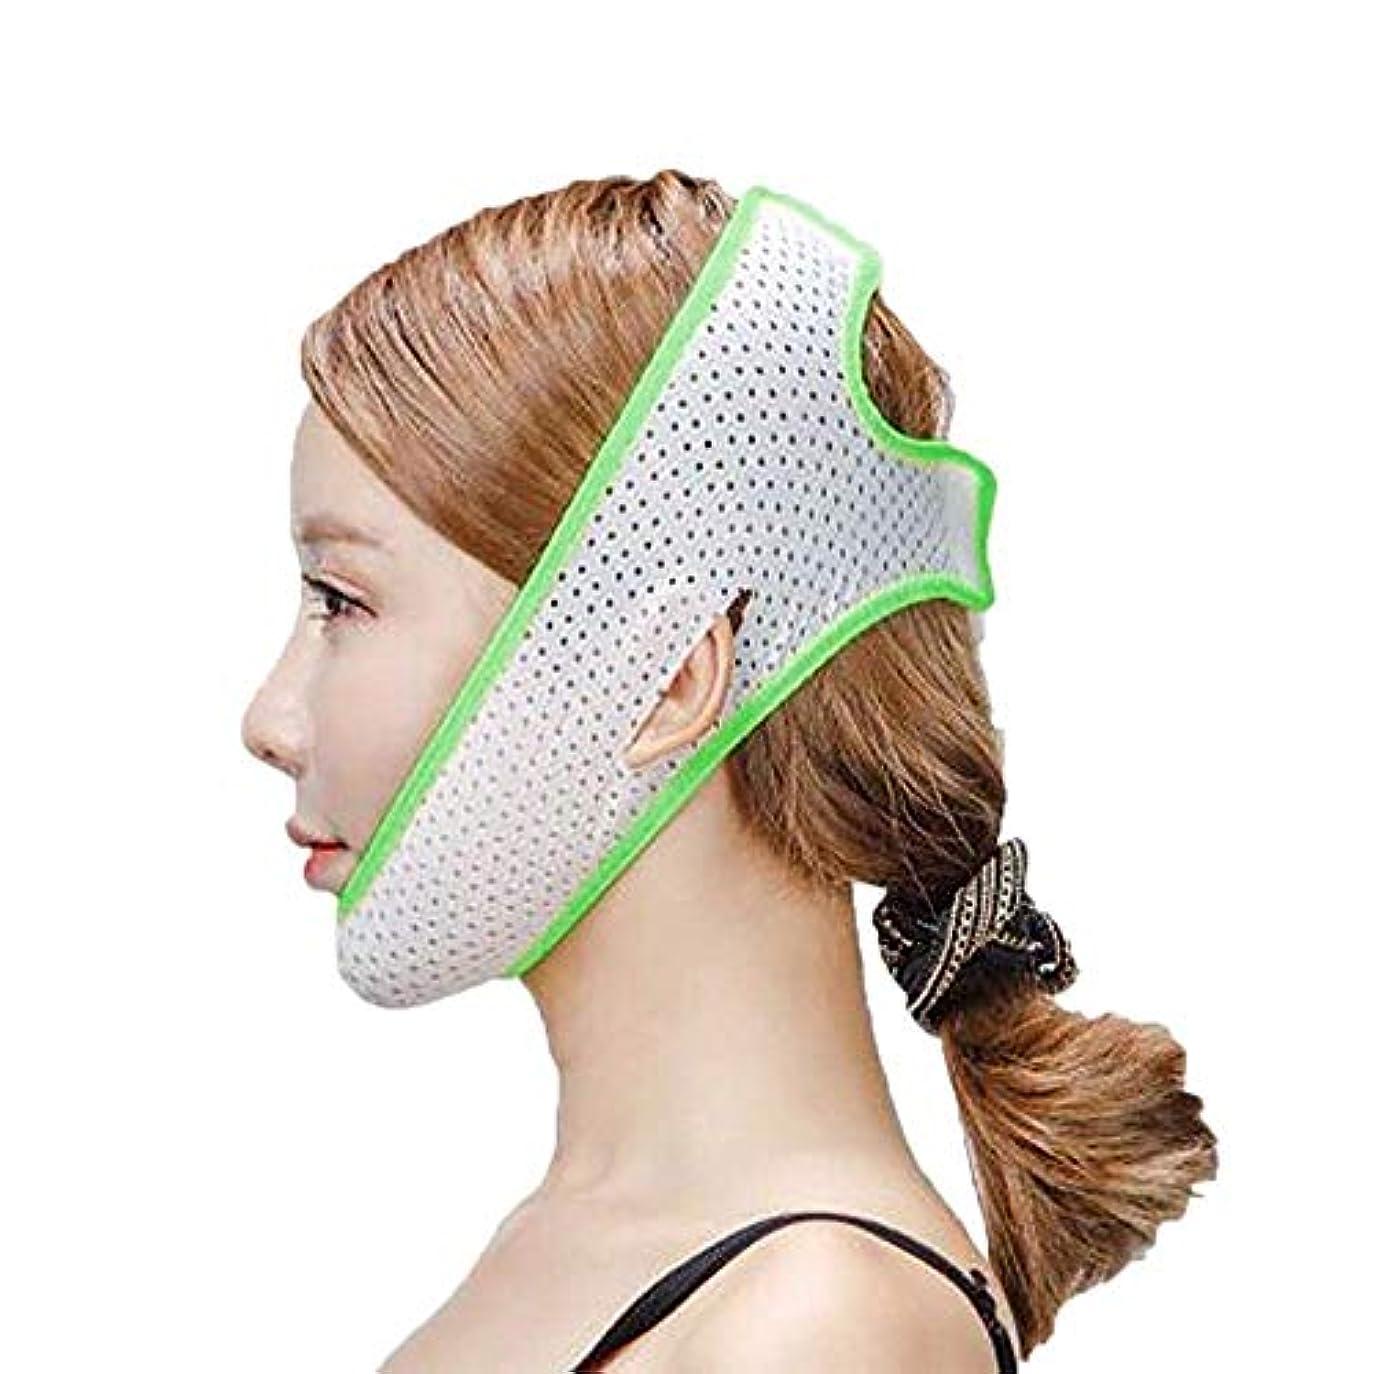 フリース気絶させる金曜日フェイスリフトマスク、ダブルチンストラップ、フェイシャル減量マスク、フェイシャルダブルチンケアスリミングマスク、リンクルマスク(フリーサイズ)(カラー:ブラック),緑